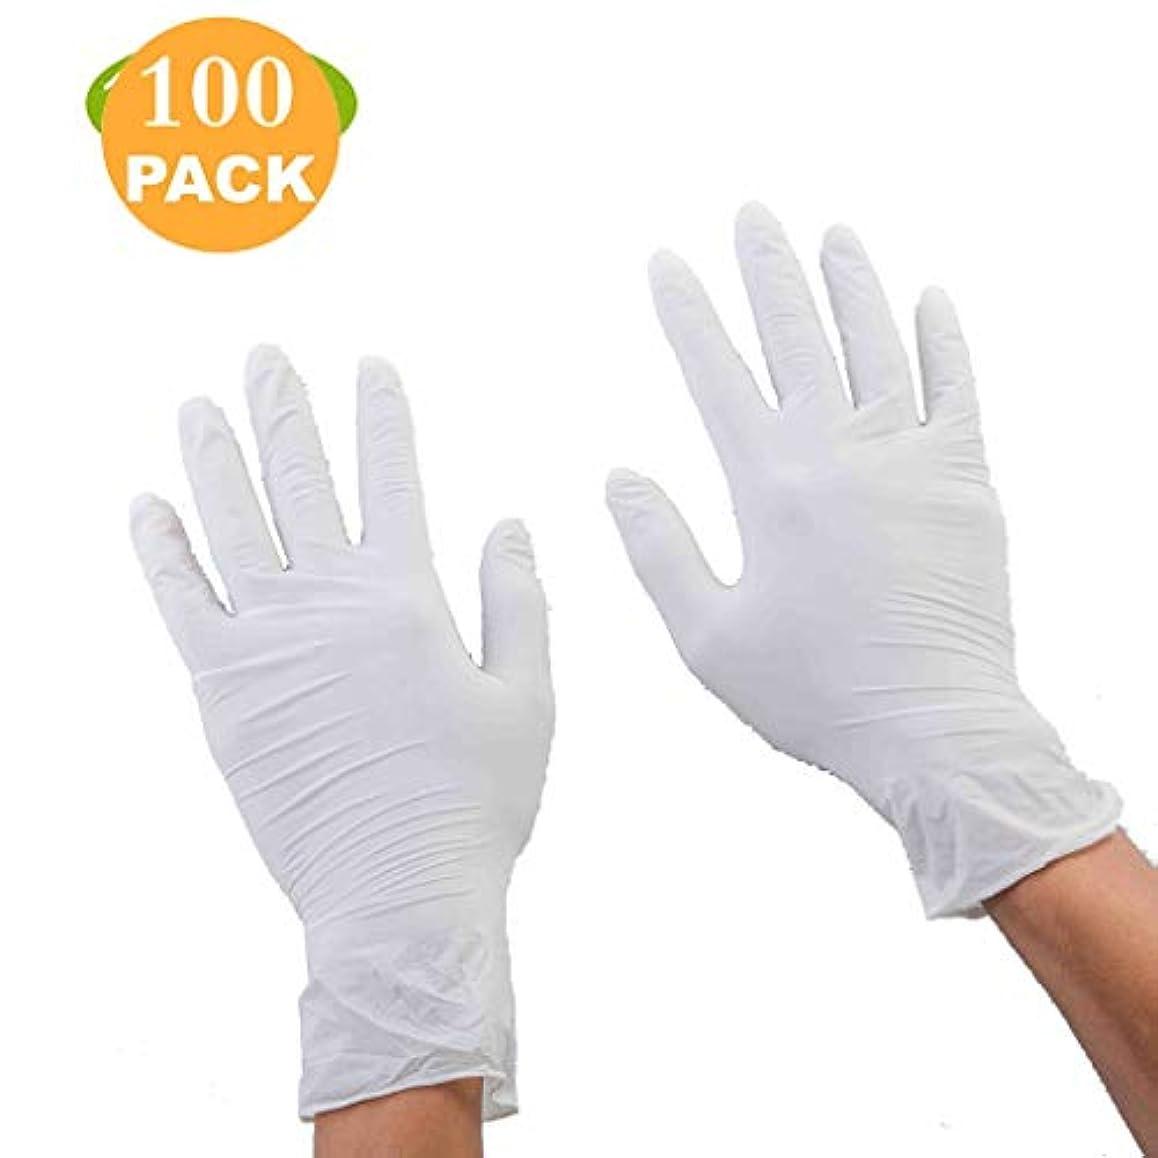 怒っているプレビュー分数ニトリル使い捨て12インチの厚さのゴム食品加工手袋ホワイト耐性-100パーボックス (Color : Blue, Size : M)